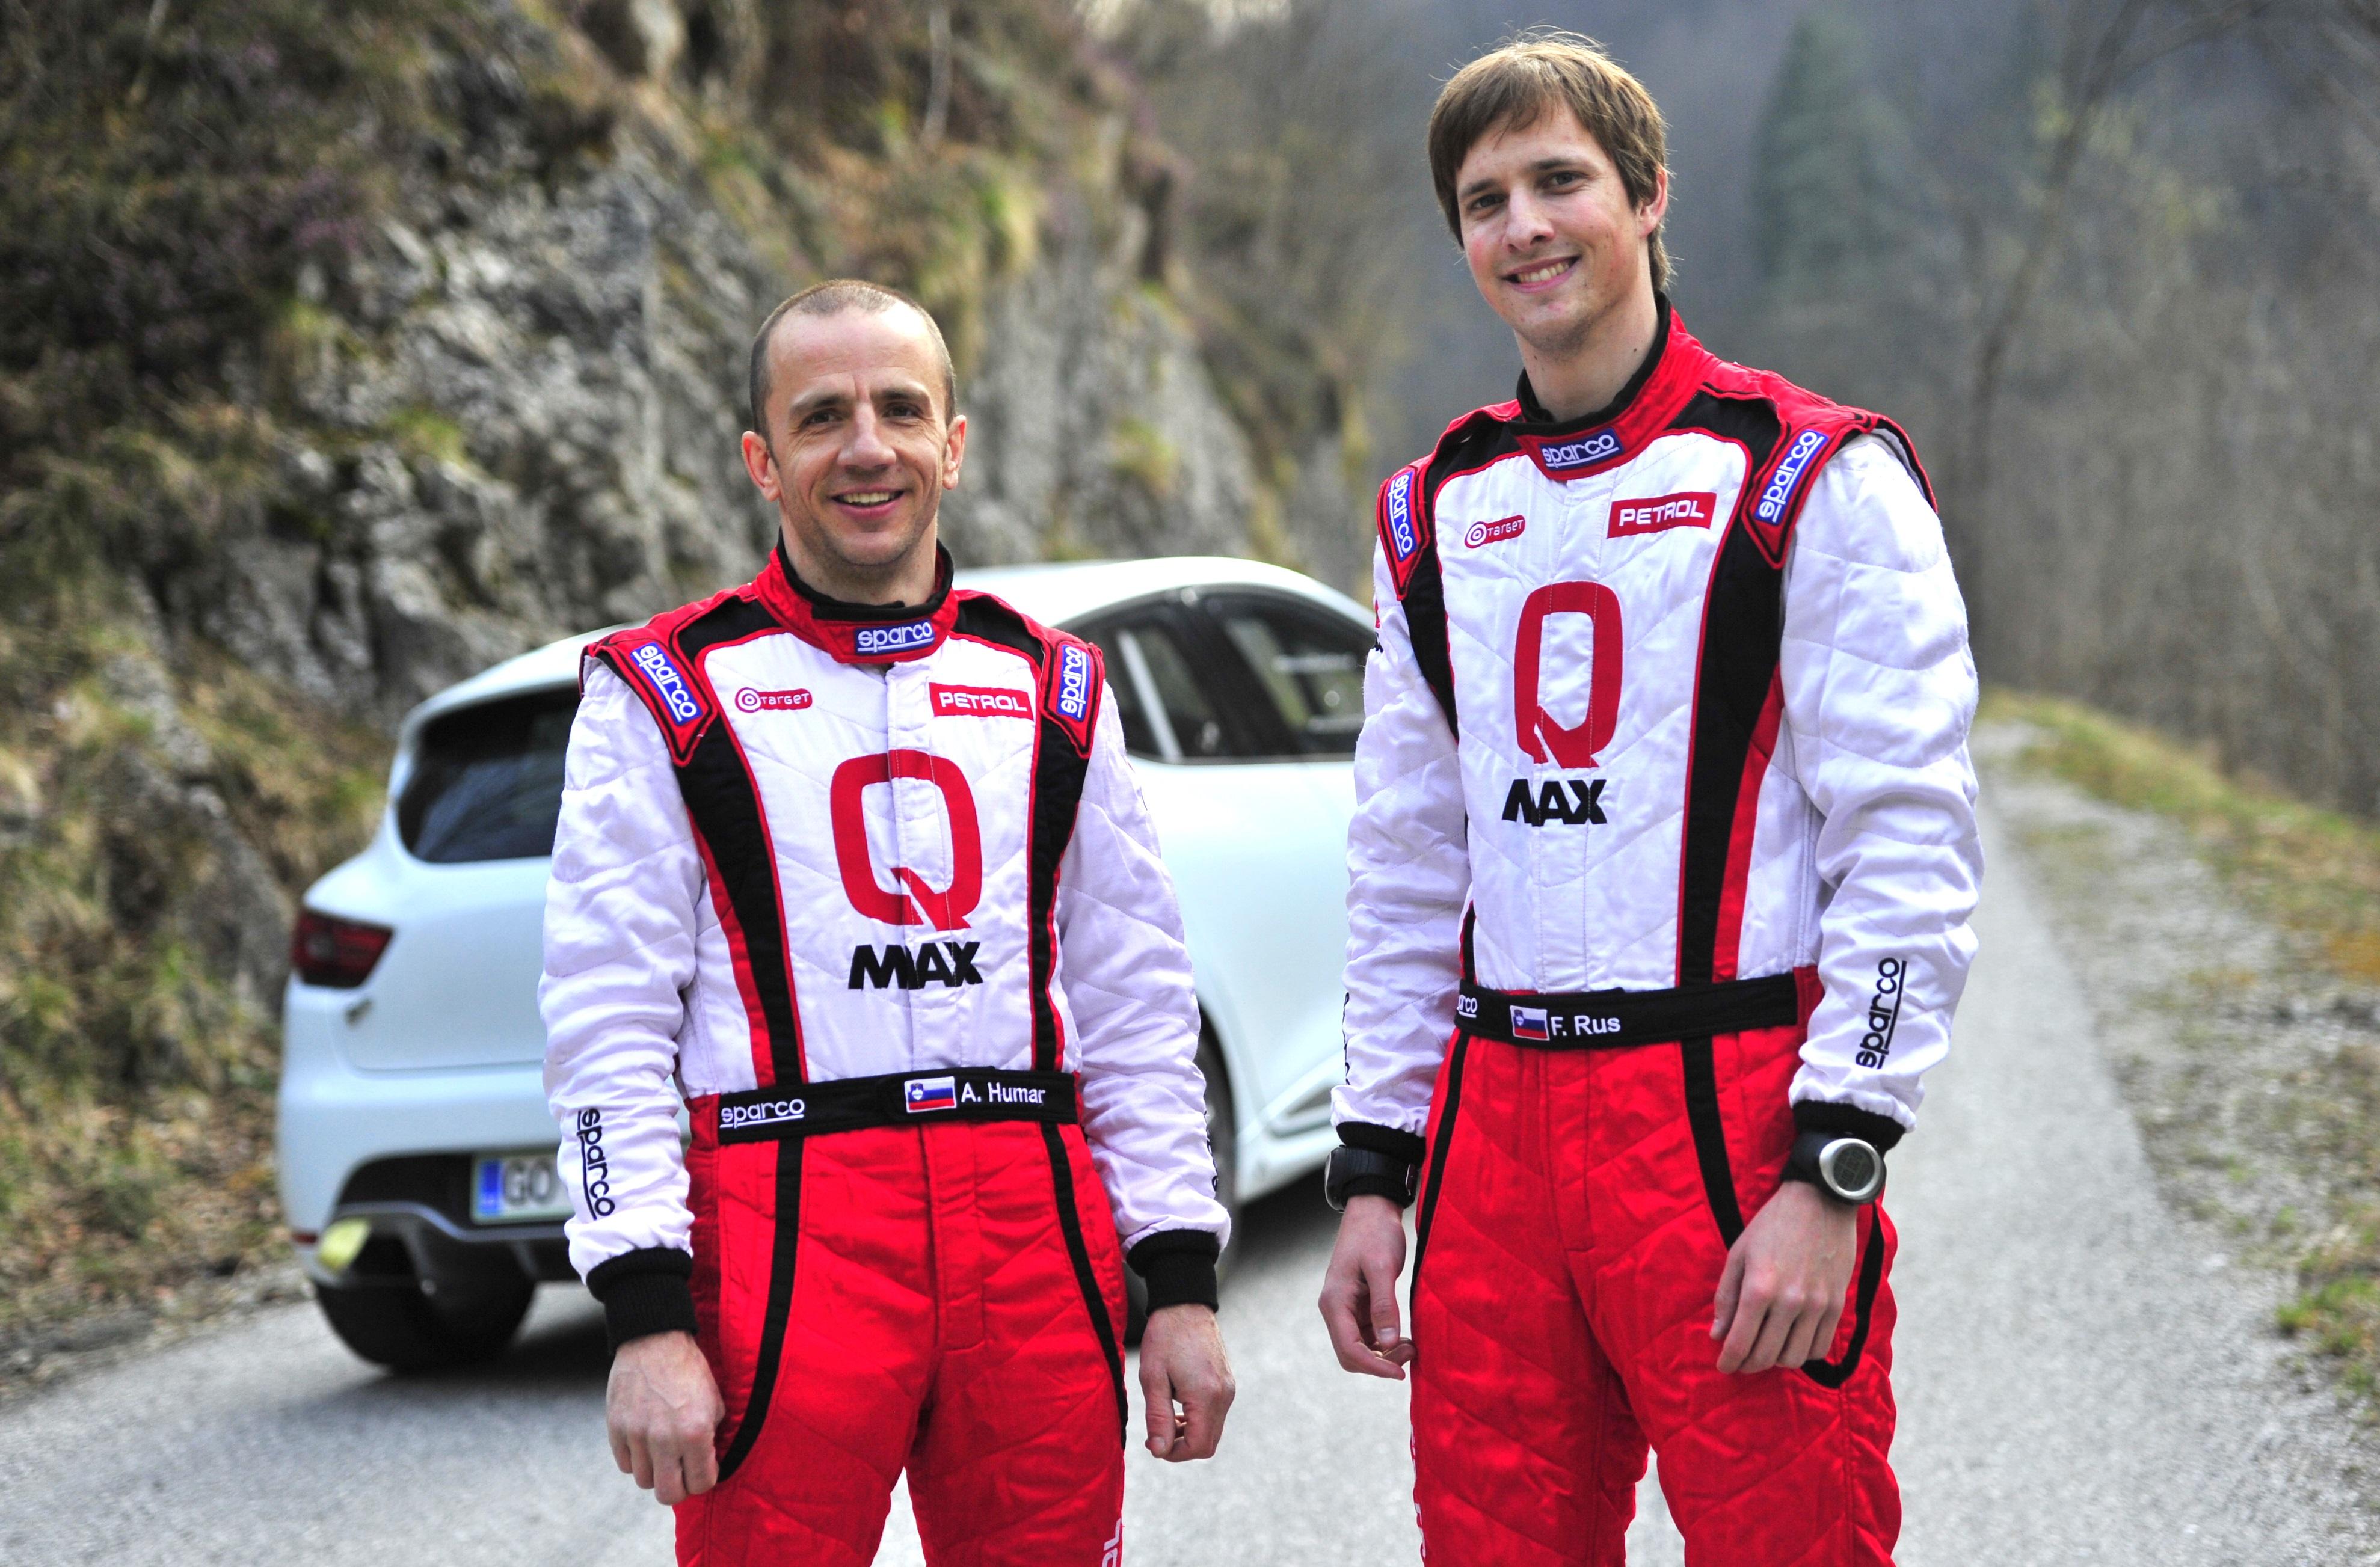 Državni prvak Humar prvič preizkusil novi dirkalnik